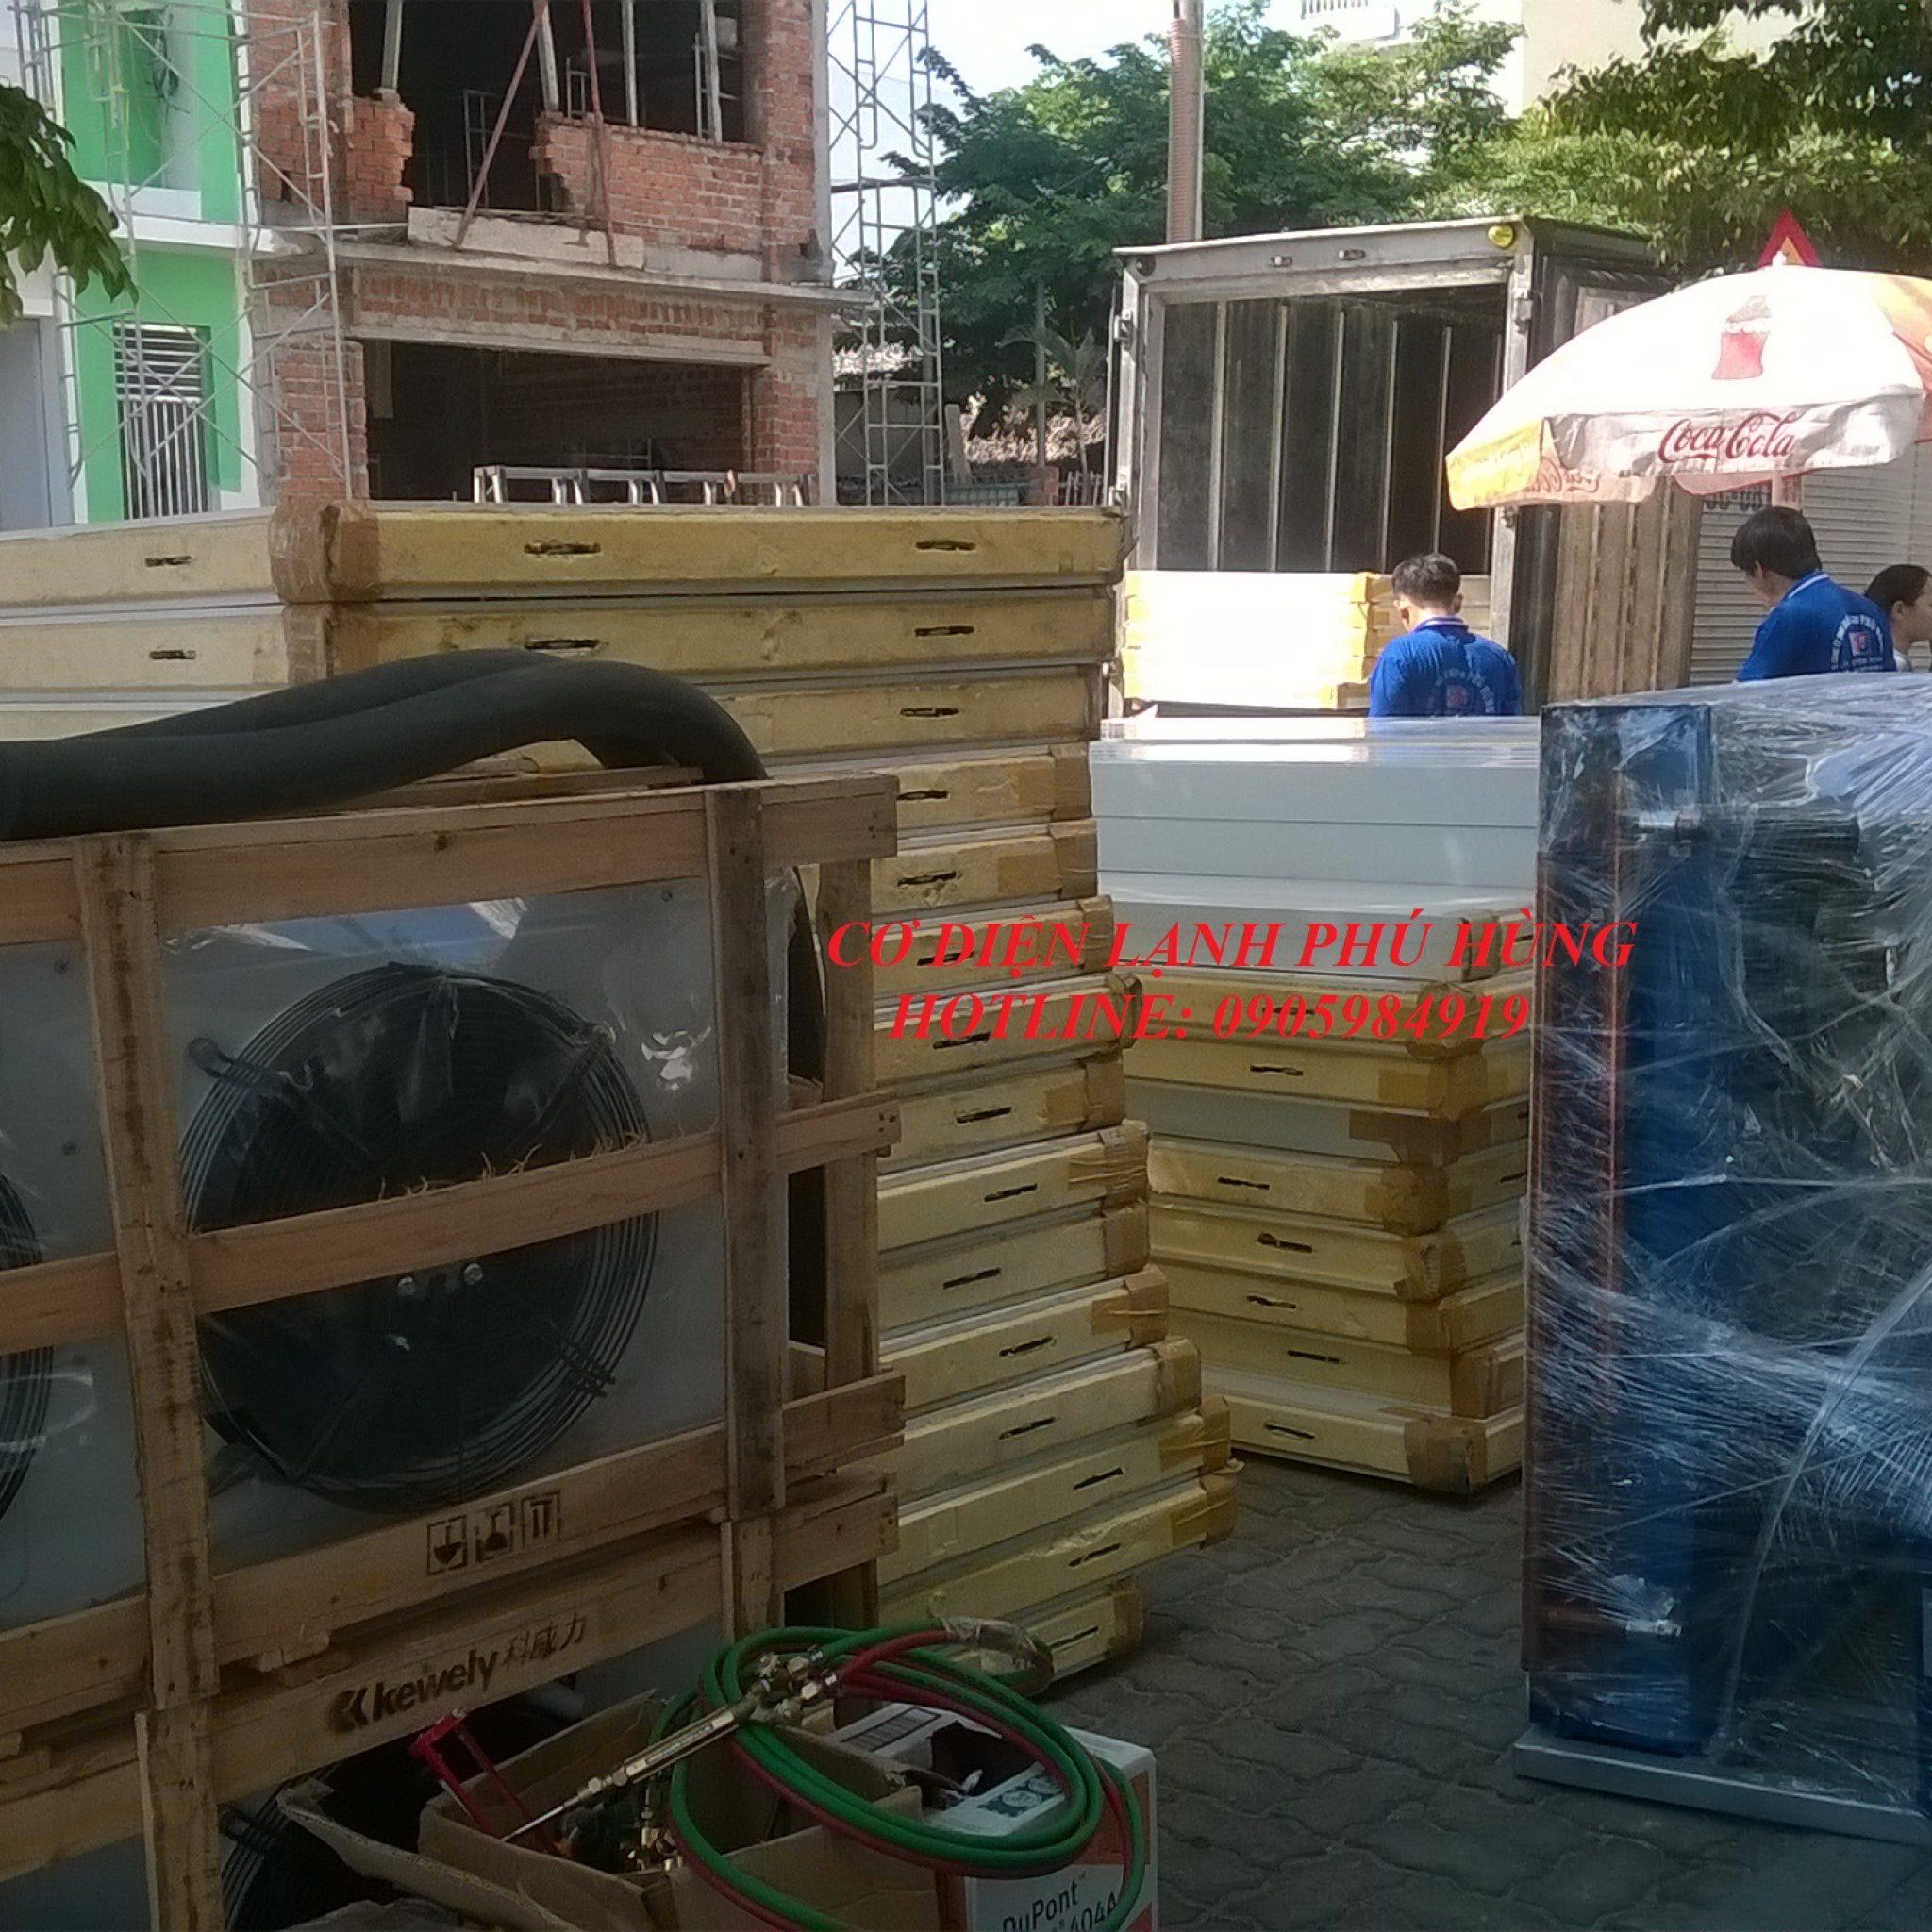 11 - lắp đặt kho lạnh tại siêu thị Kmart Đà Nẵng  cơ sở 2